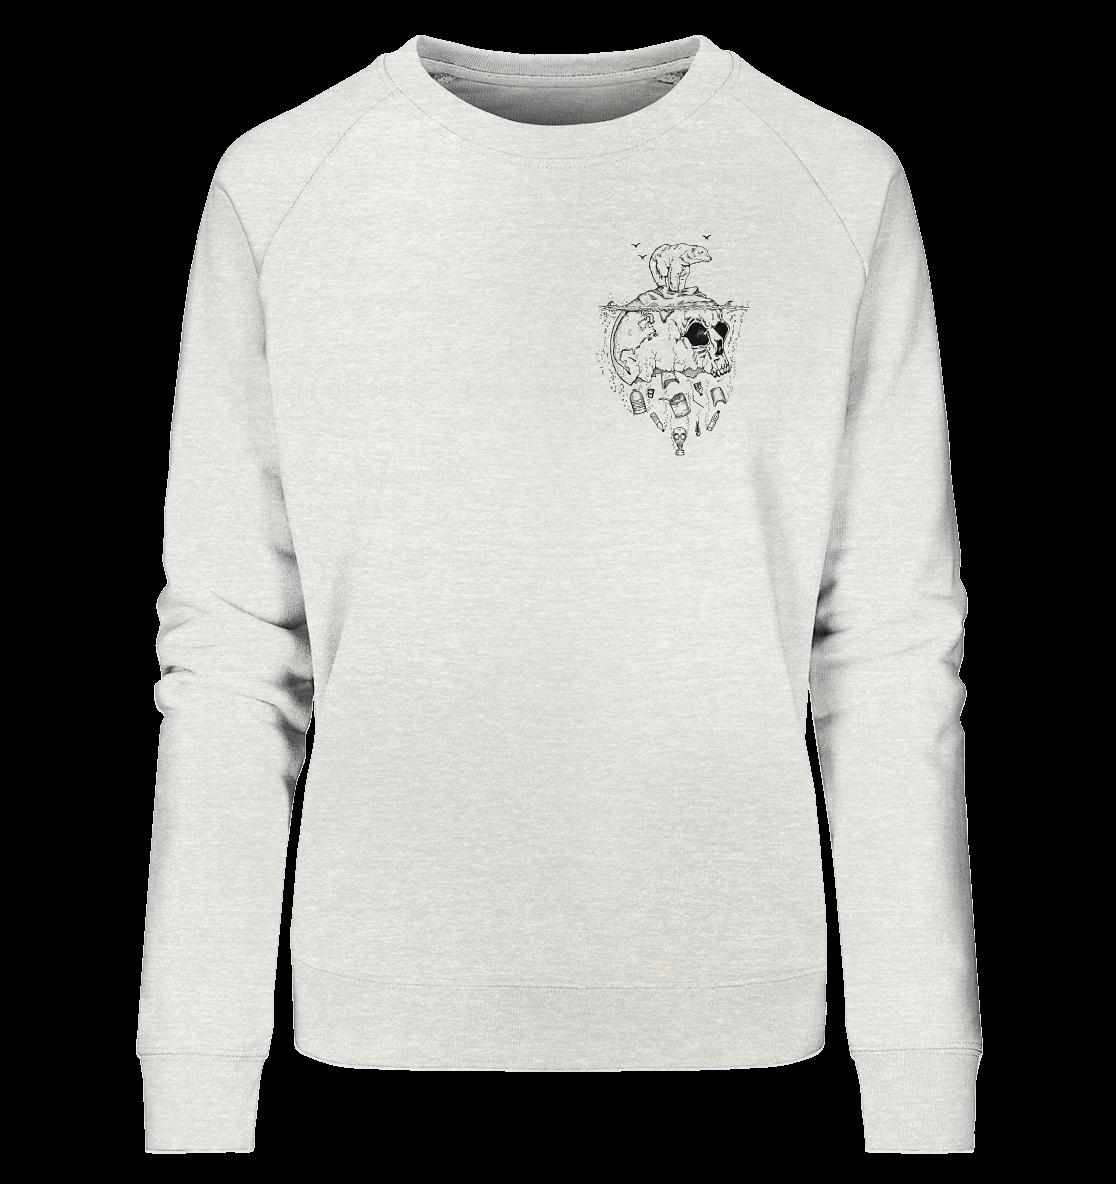 front-ladies-organic-sweatshirt-f2f5f3-1116x-21.png